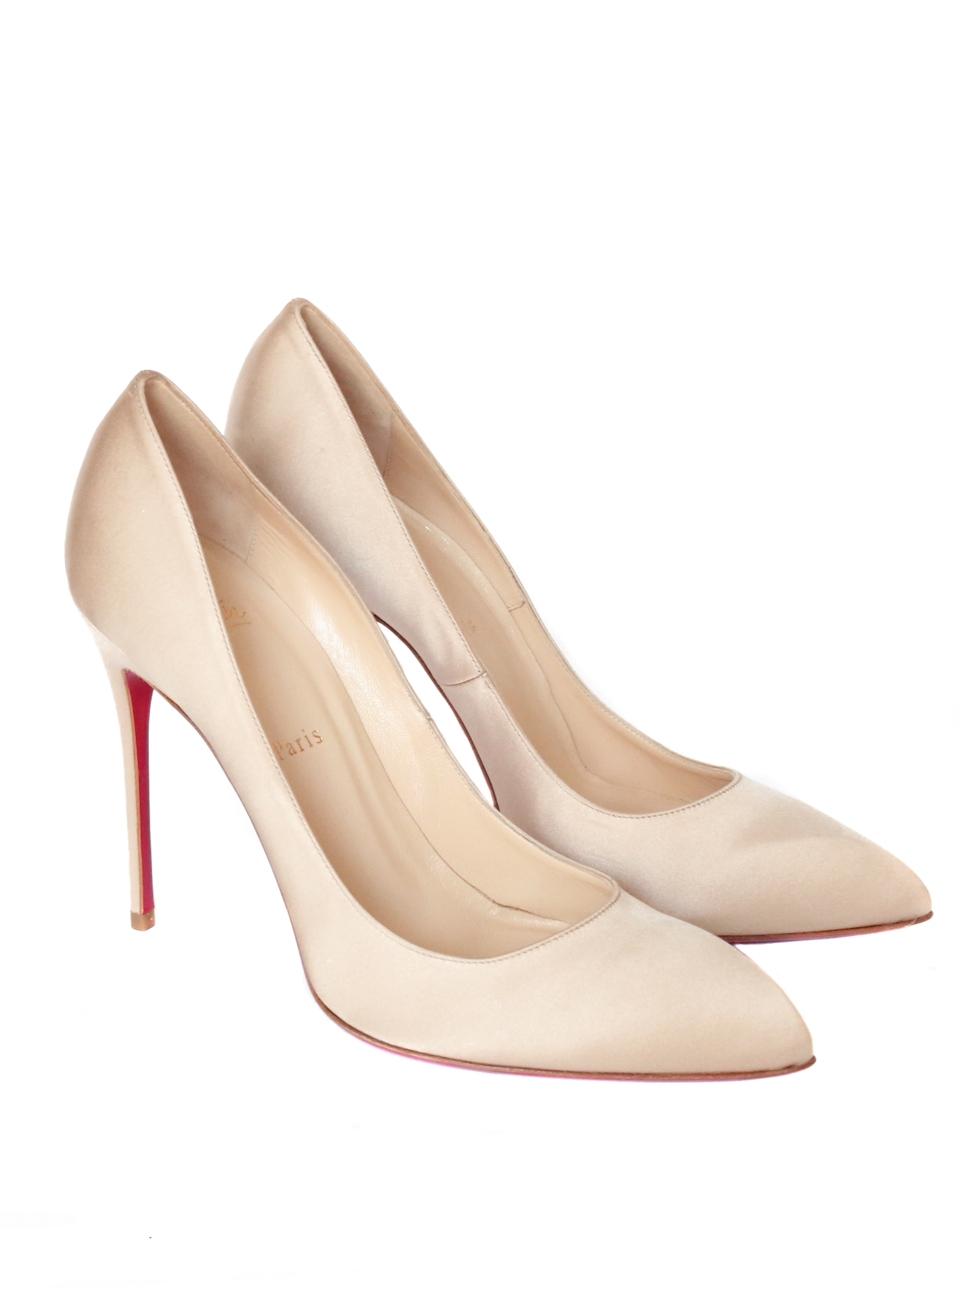 ... Escarpins stiletto CHIARA 100 en satin de soie beige rosé Px boutique  425€ T. ... 4e0c88c86257